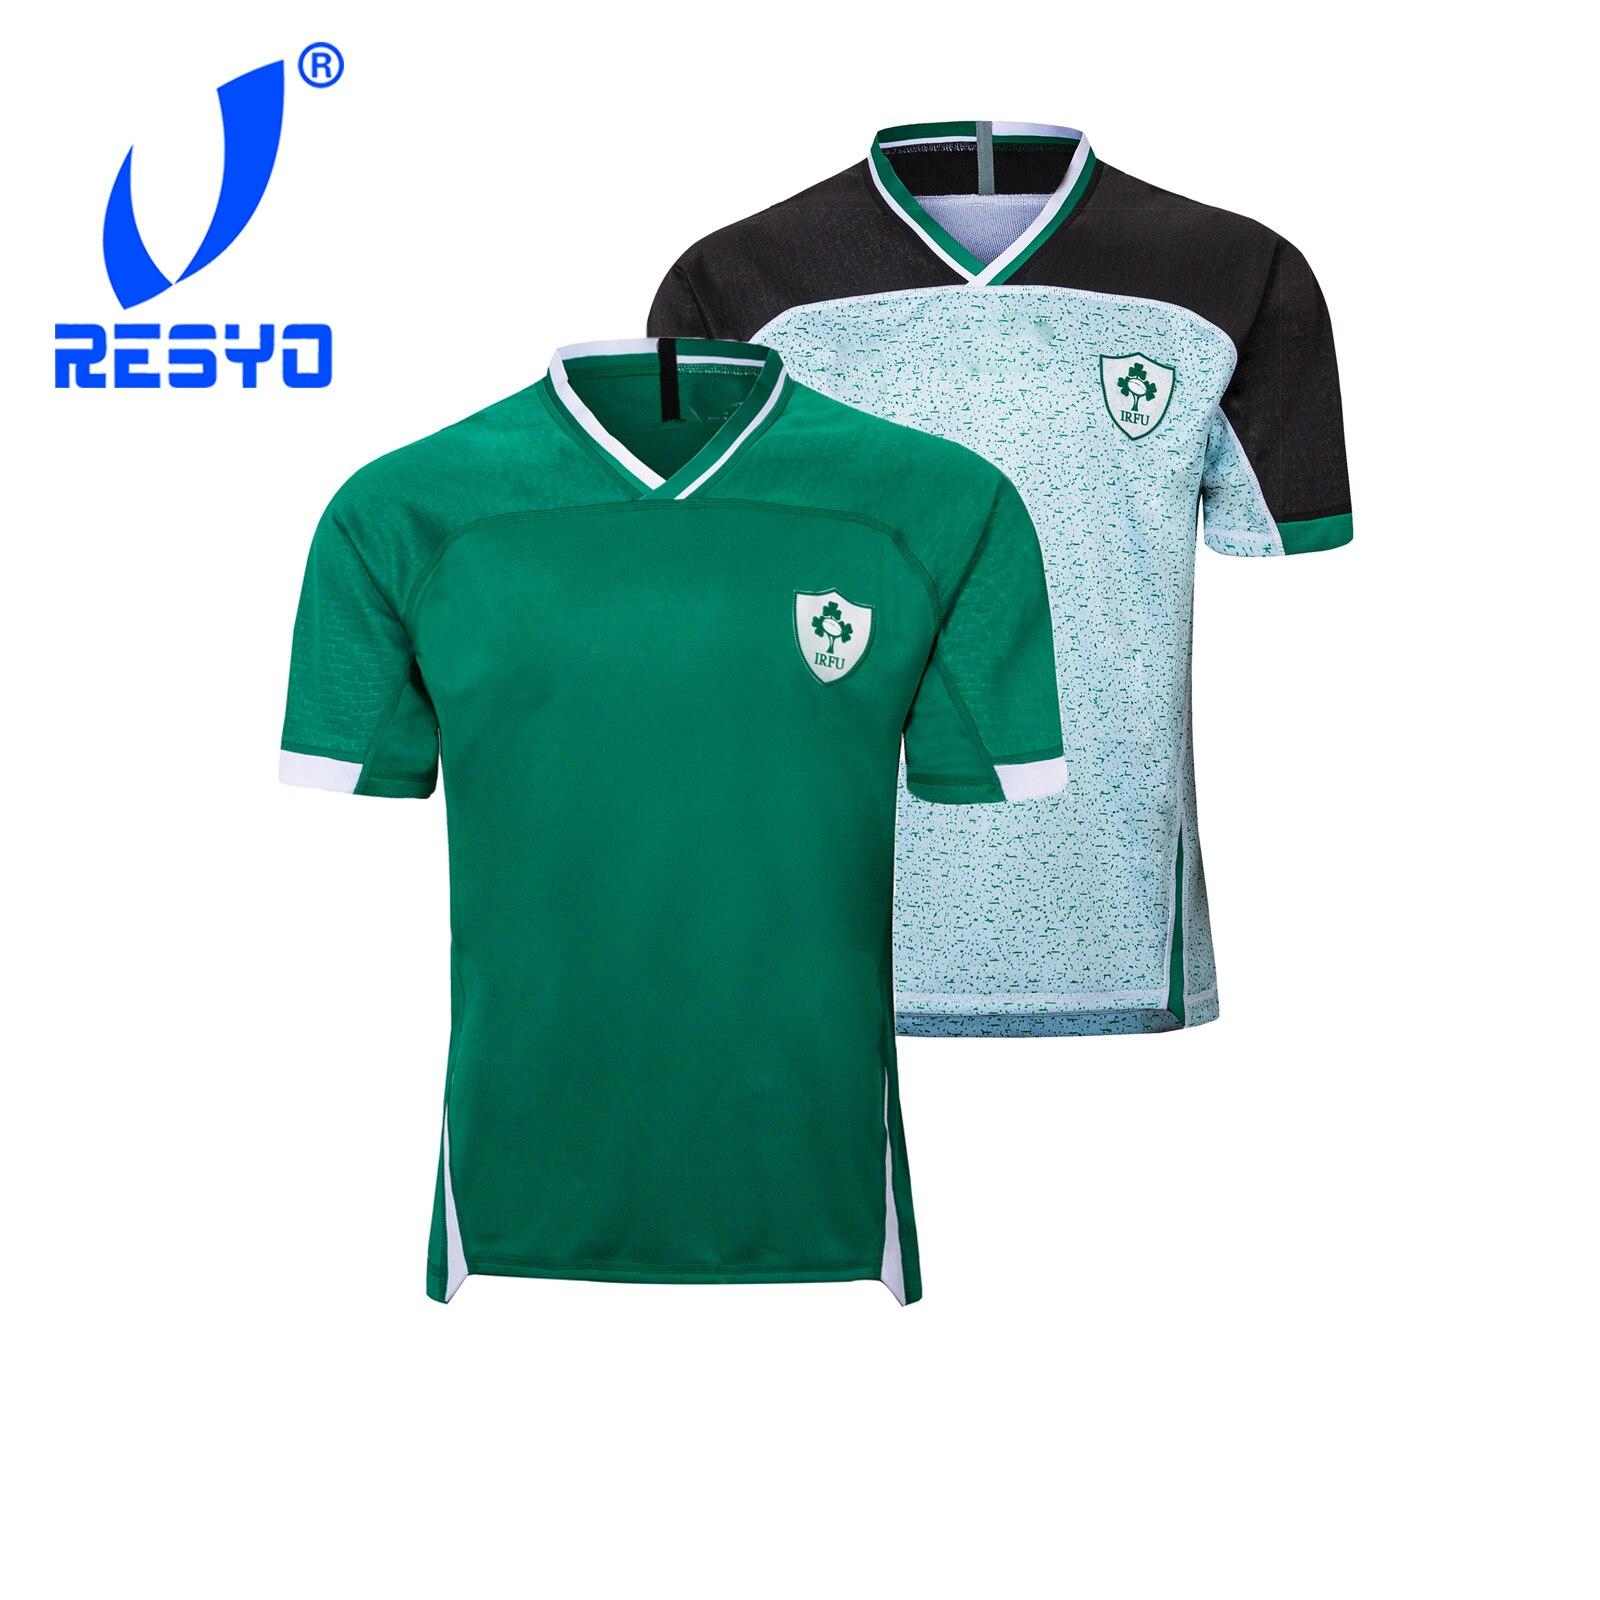 Мужская спортивная рубашка RESYO, RWC, Джерси для регби, S-5XL, 2019